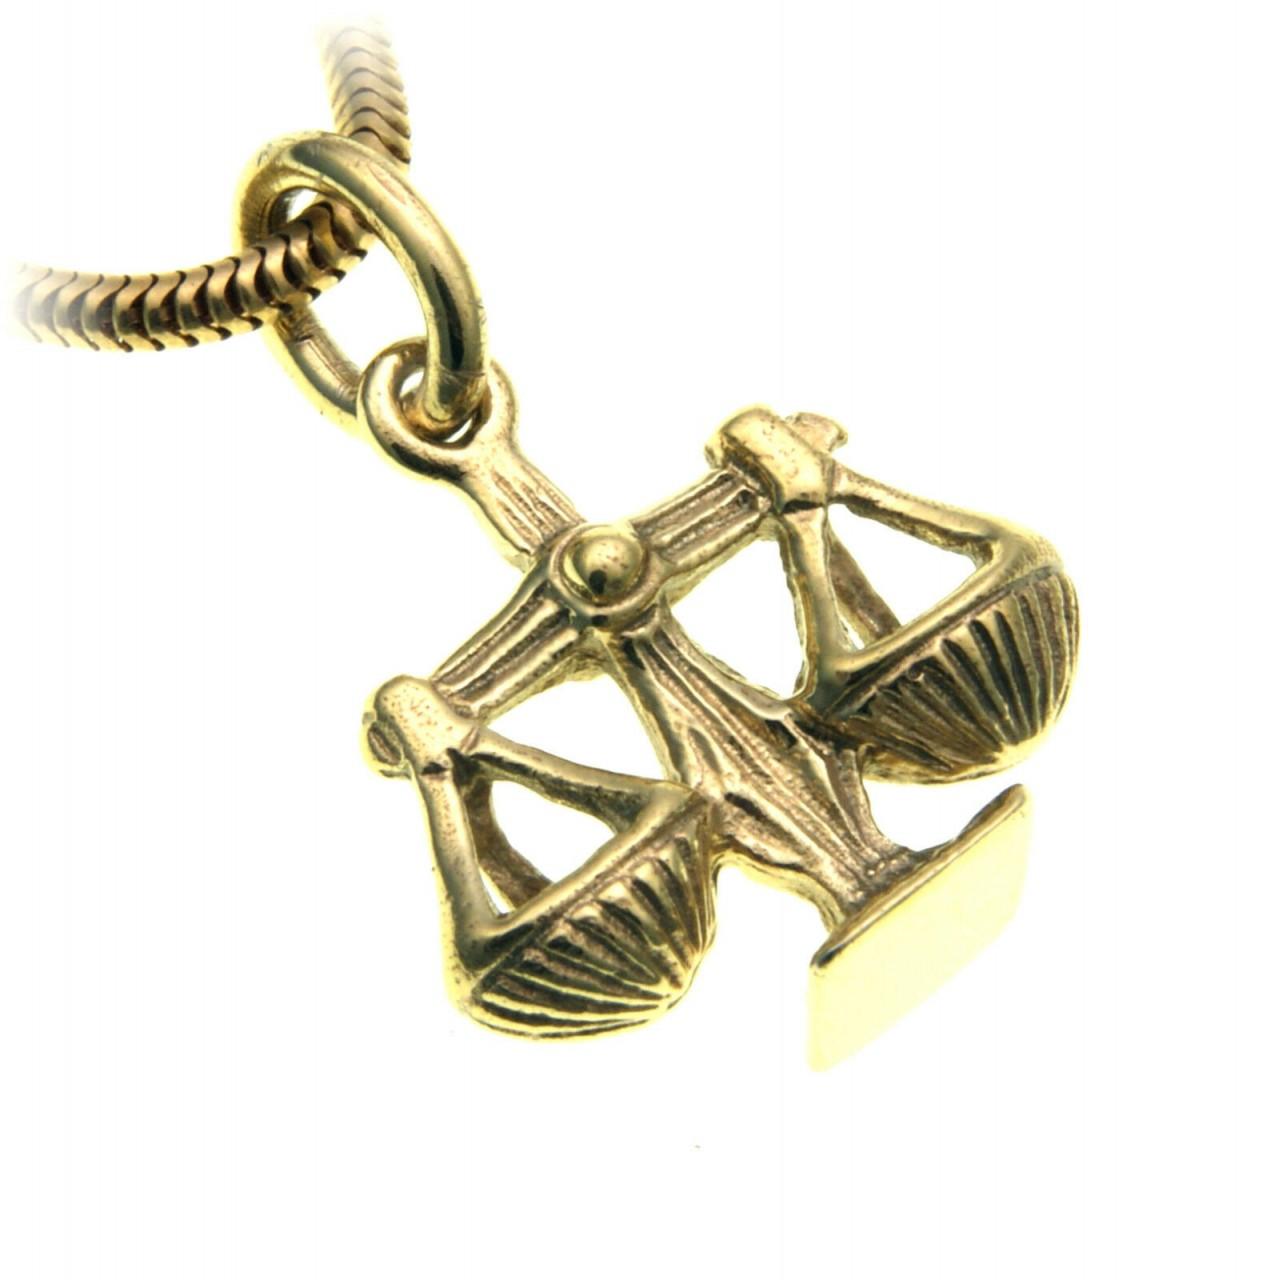 Anhänger Sternzeichen Waage Sterling Silber 925 massiv Tierkreiszeichen Horoskop